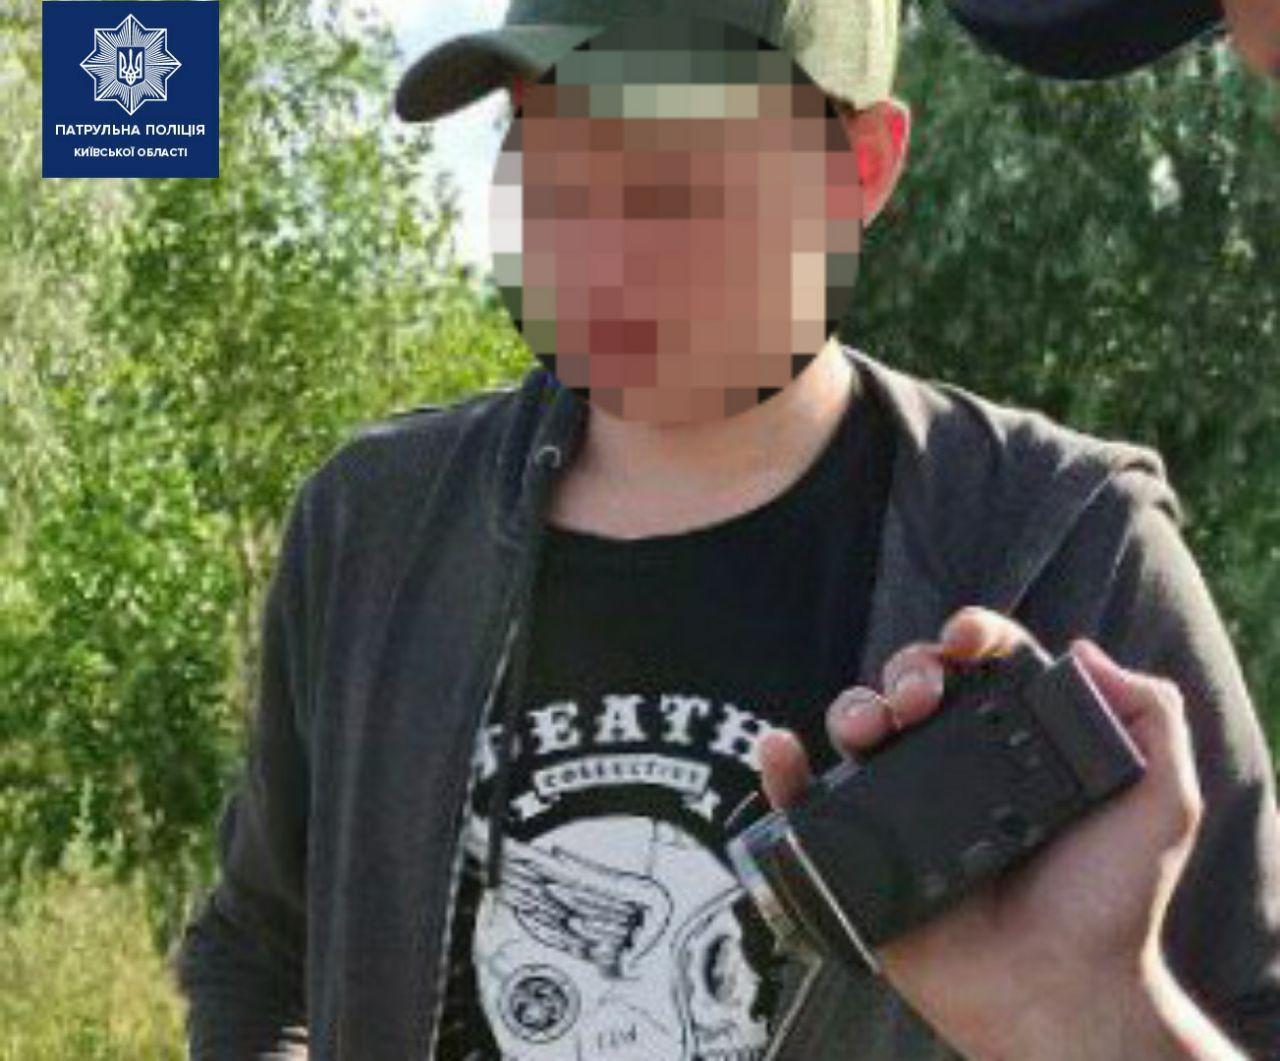 На Бородянщині у порушника ПДР знайшли цілу коробку наркотиків - наркотики, Наркоманія, Марихуана, зіппакет, амфетамін - 10 narkotyky3